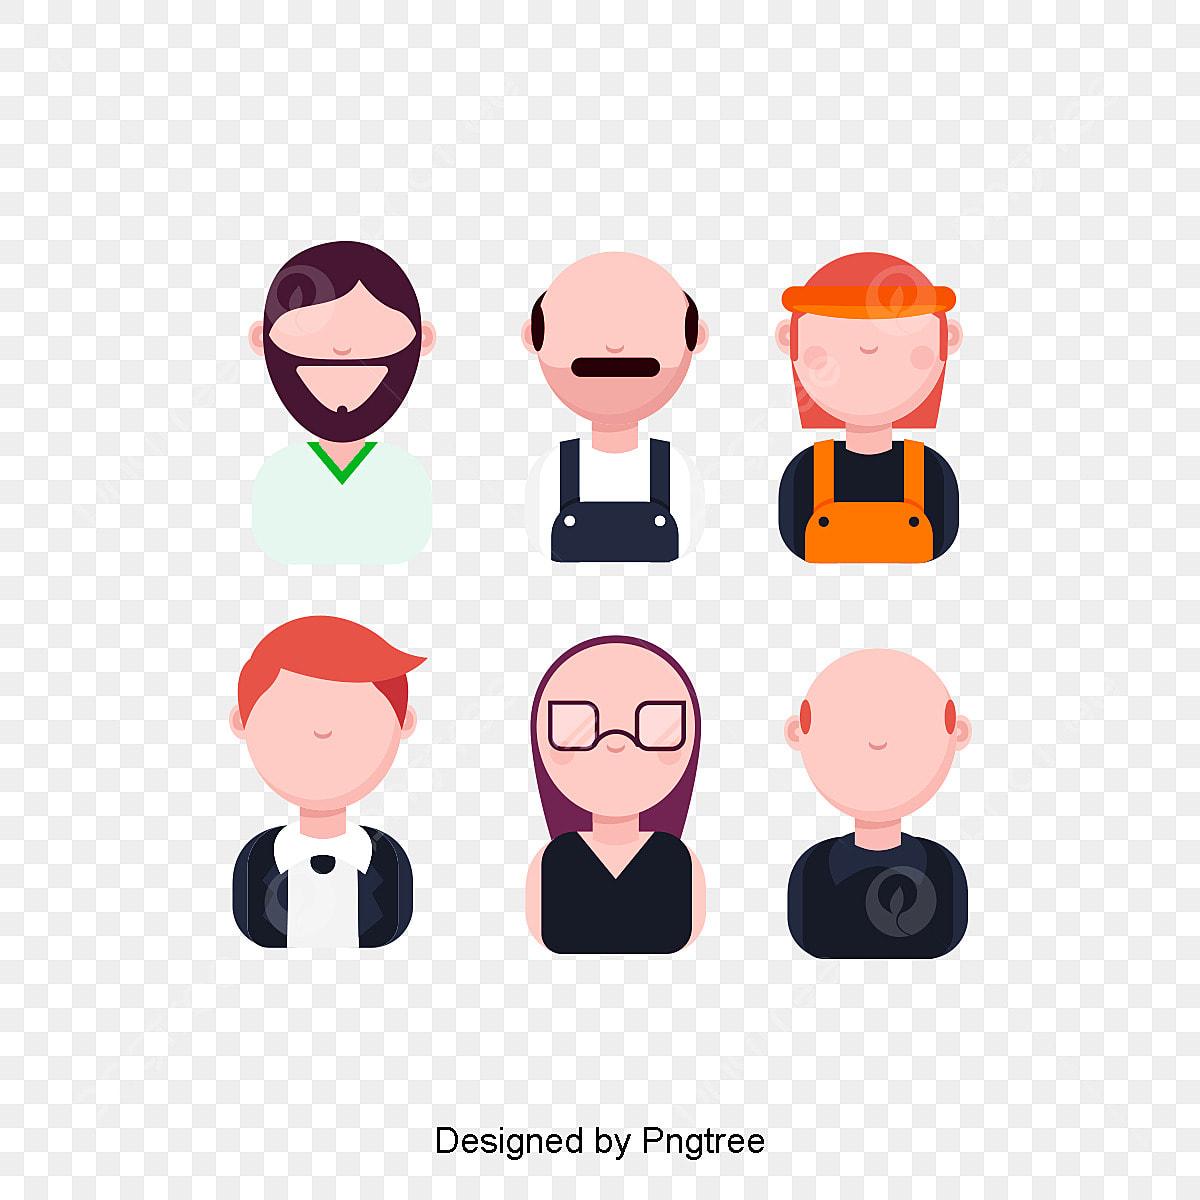 La Gente Diseño Plano Vector Figuras Sin Rostro Personajes